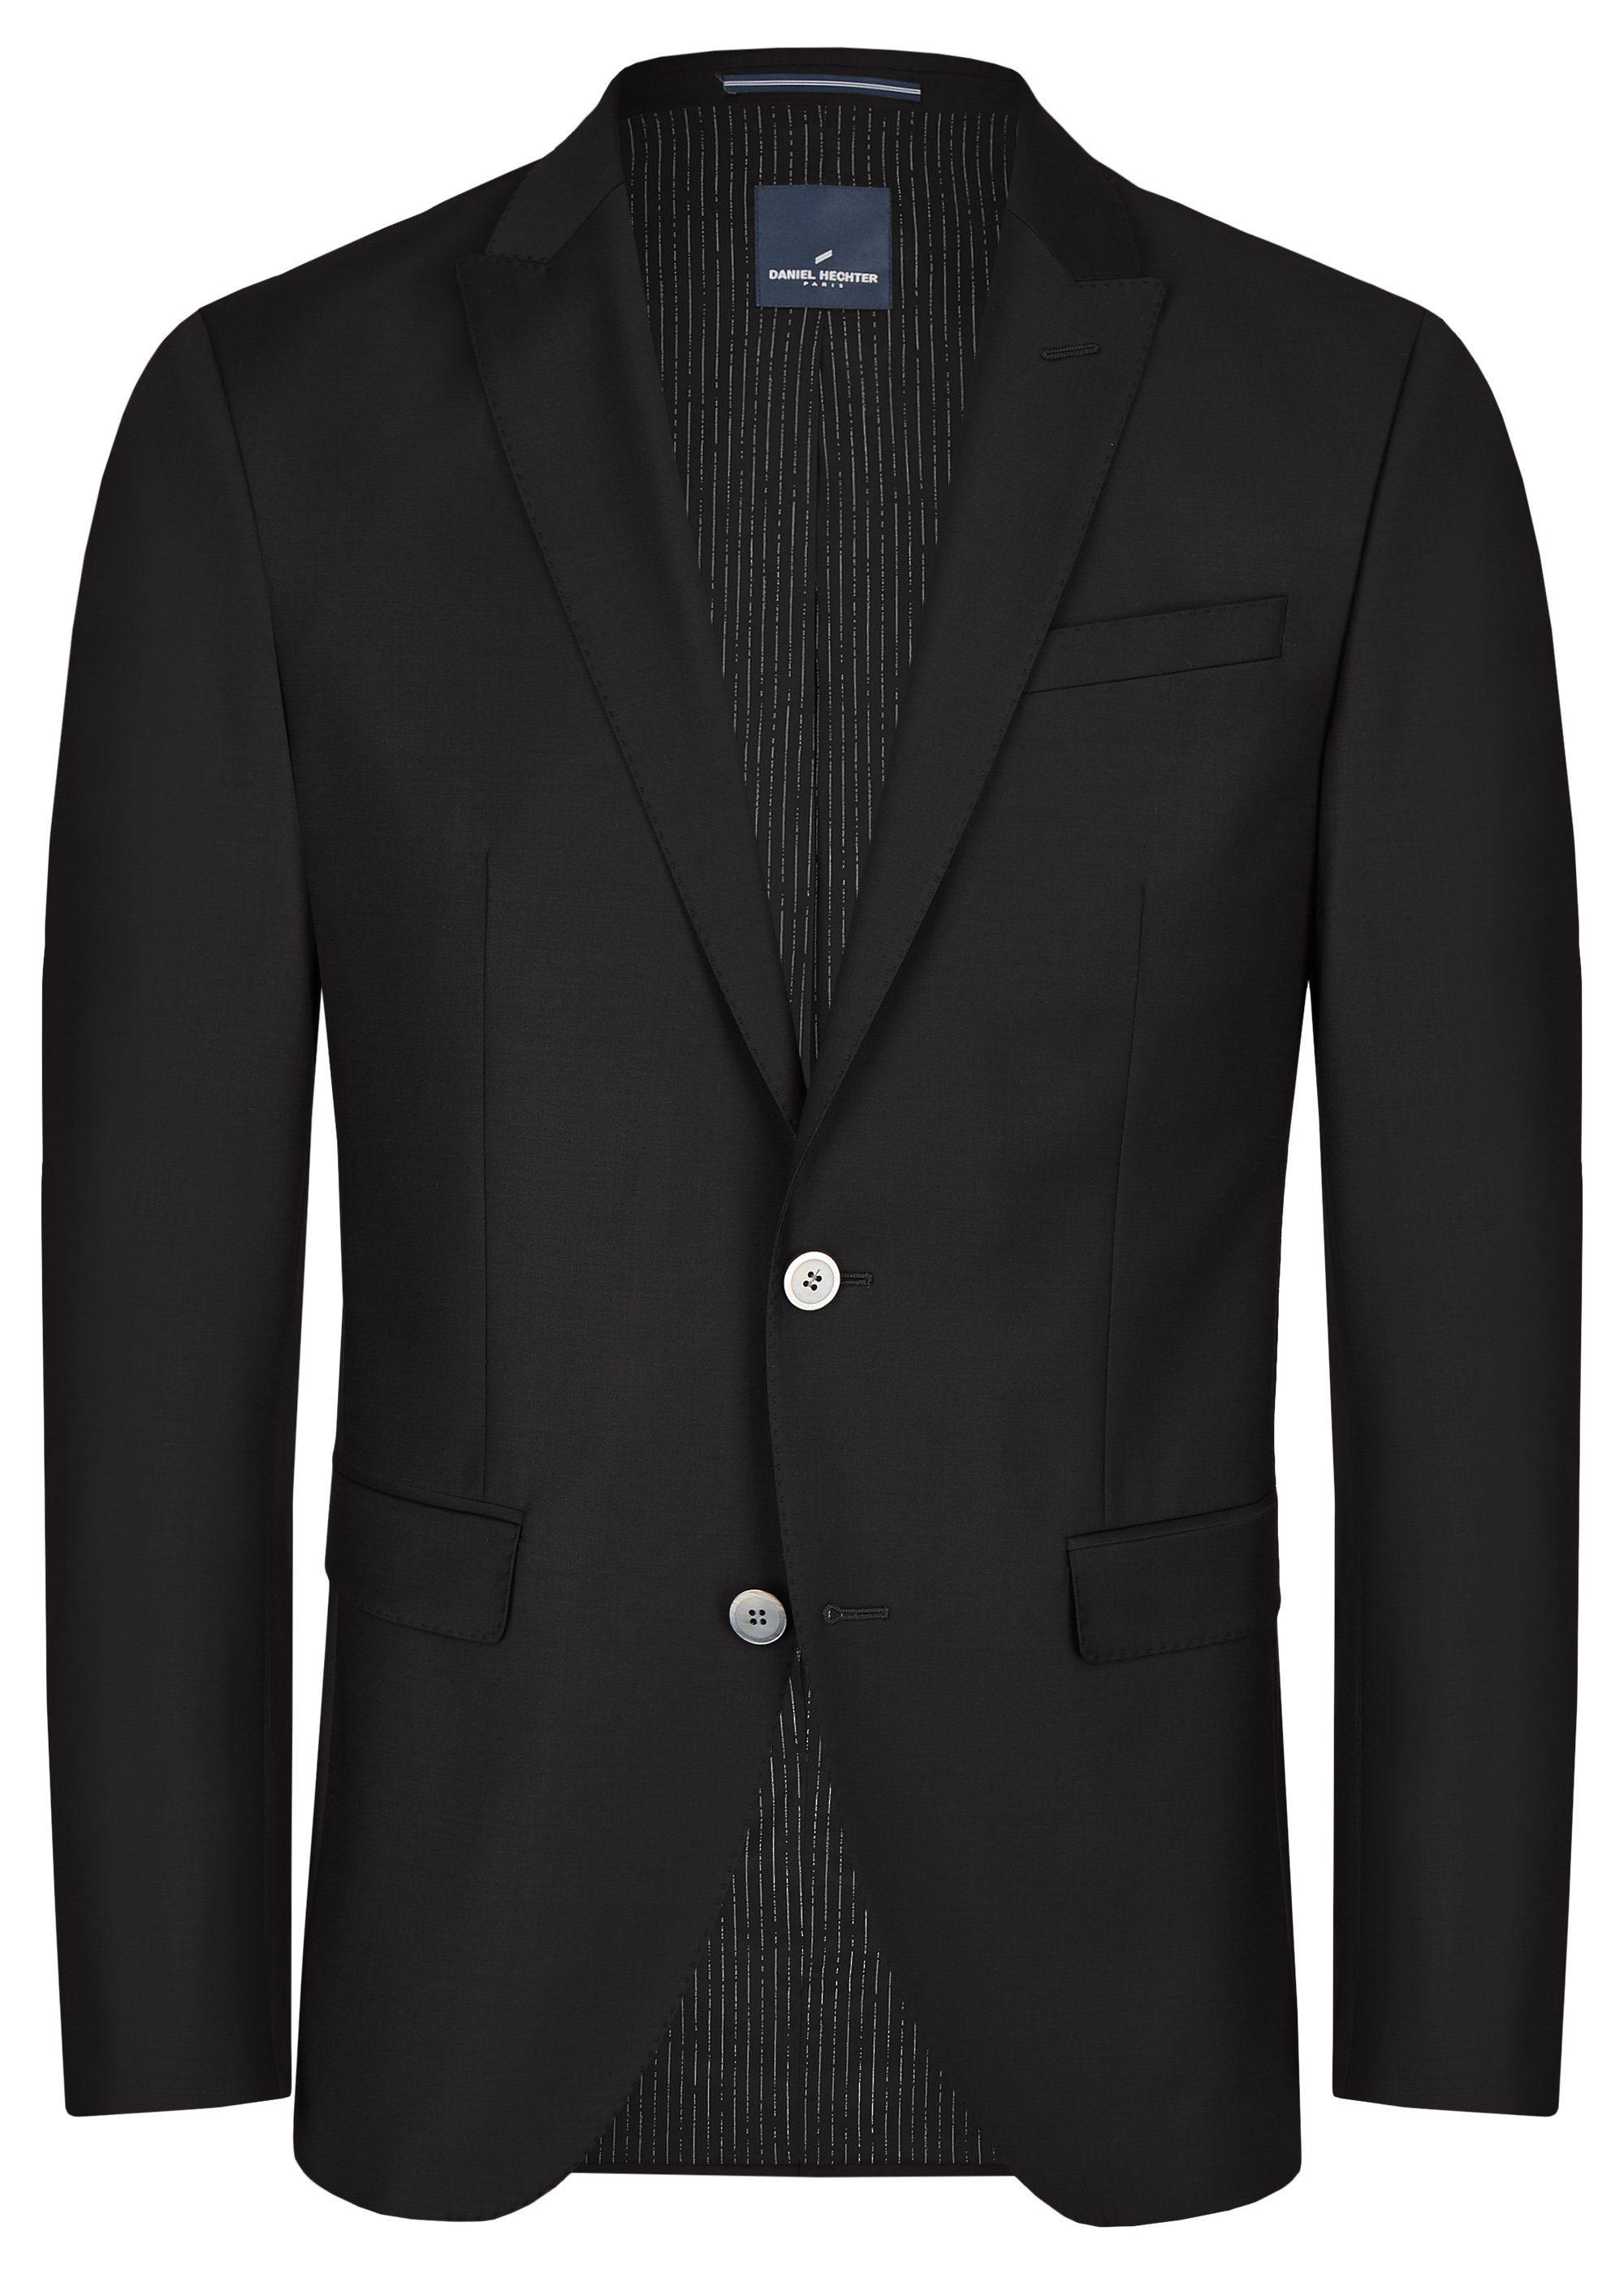 Daniel Hechter DH-X Anzug | Bekleidung > Anzüge & Smokings > Anzüge | Schwarz | Elasthan | Daniel Hechter